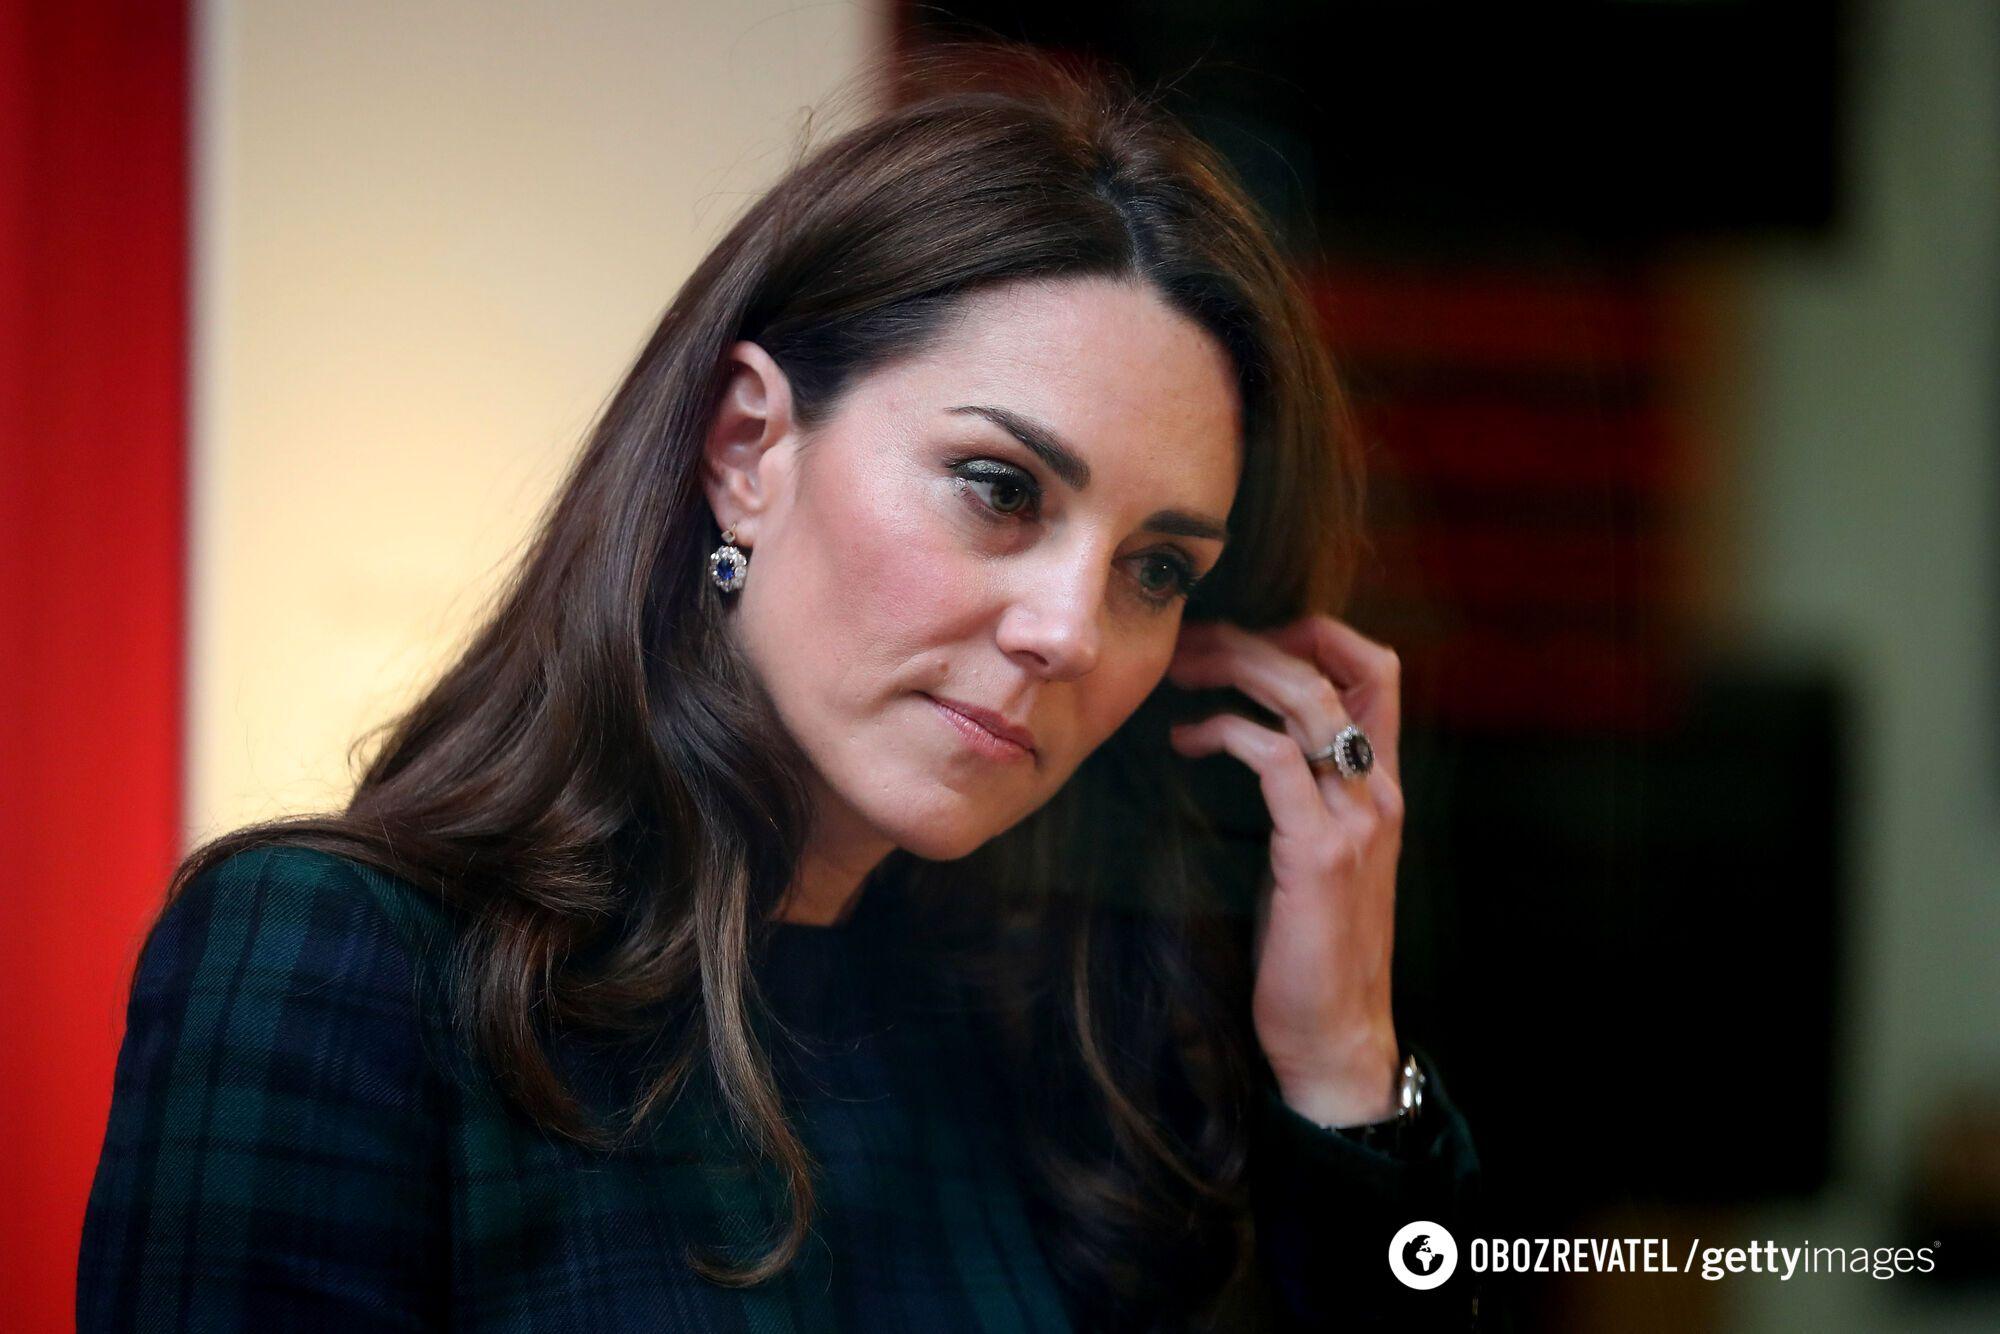 Кейт Миддлтон готовится ответить на обвинения Меган Маркл